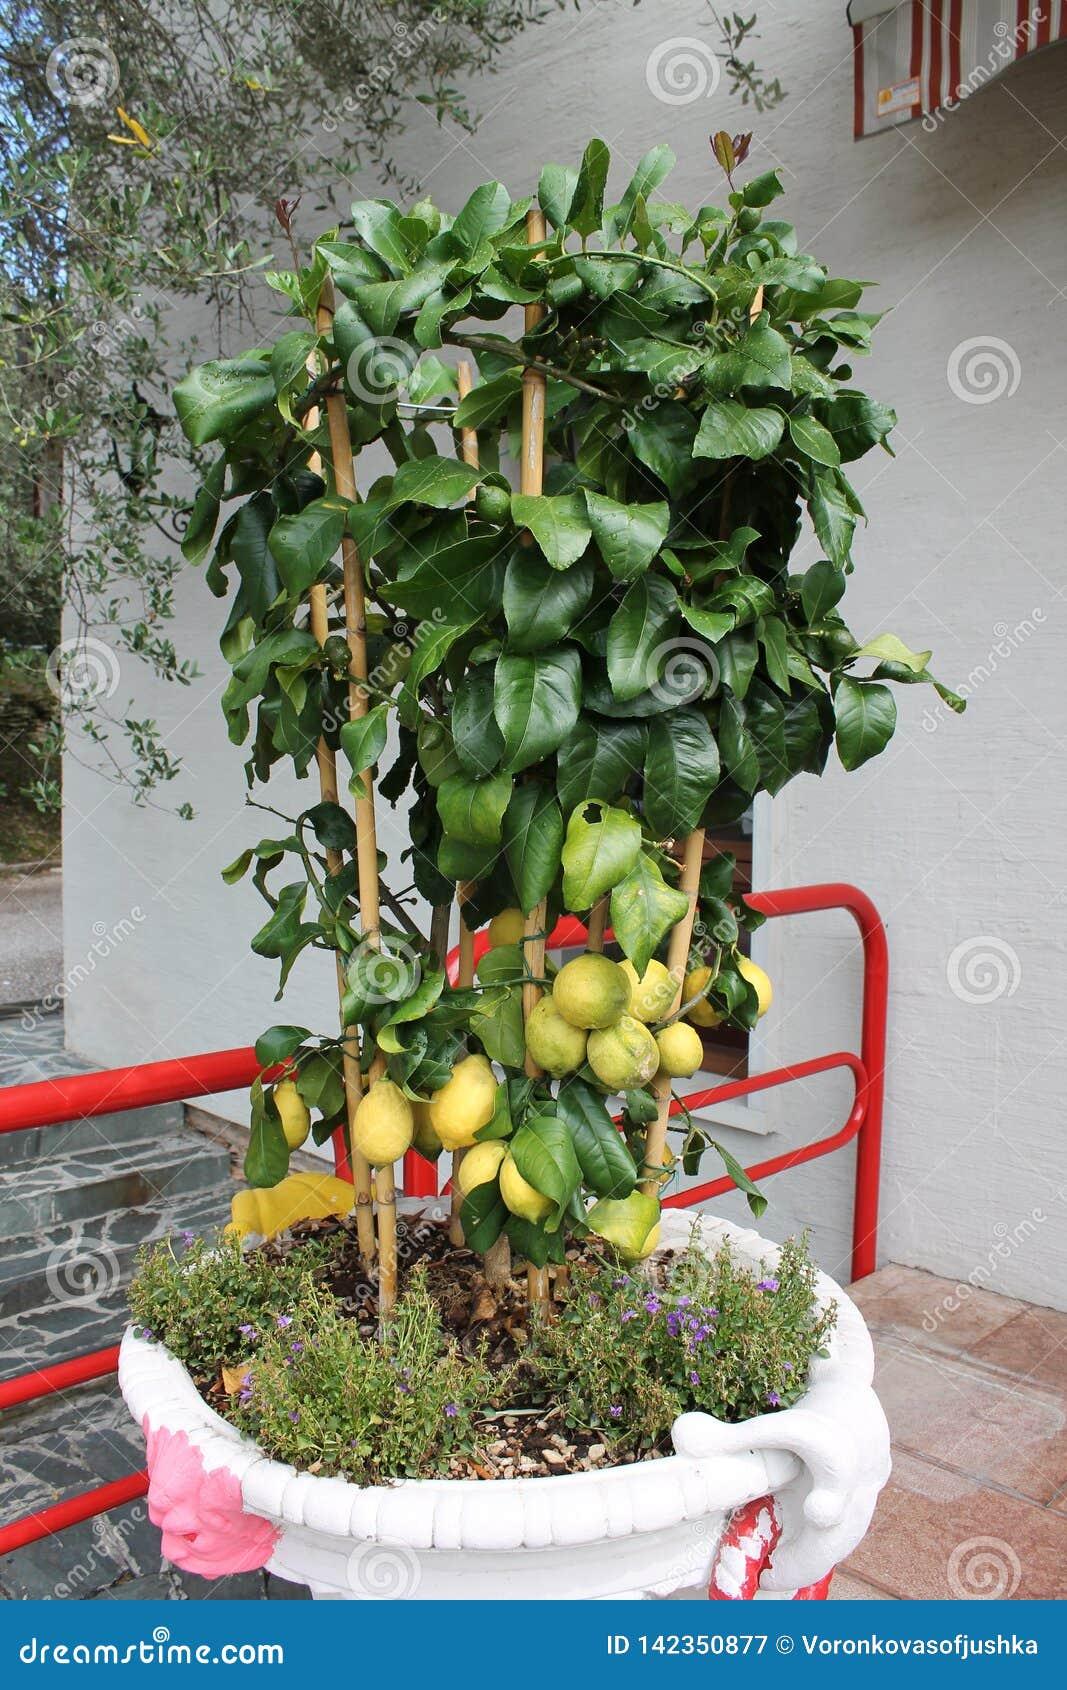 Lemon tree with ripe fruits in a flowerpot